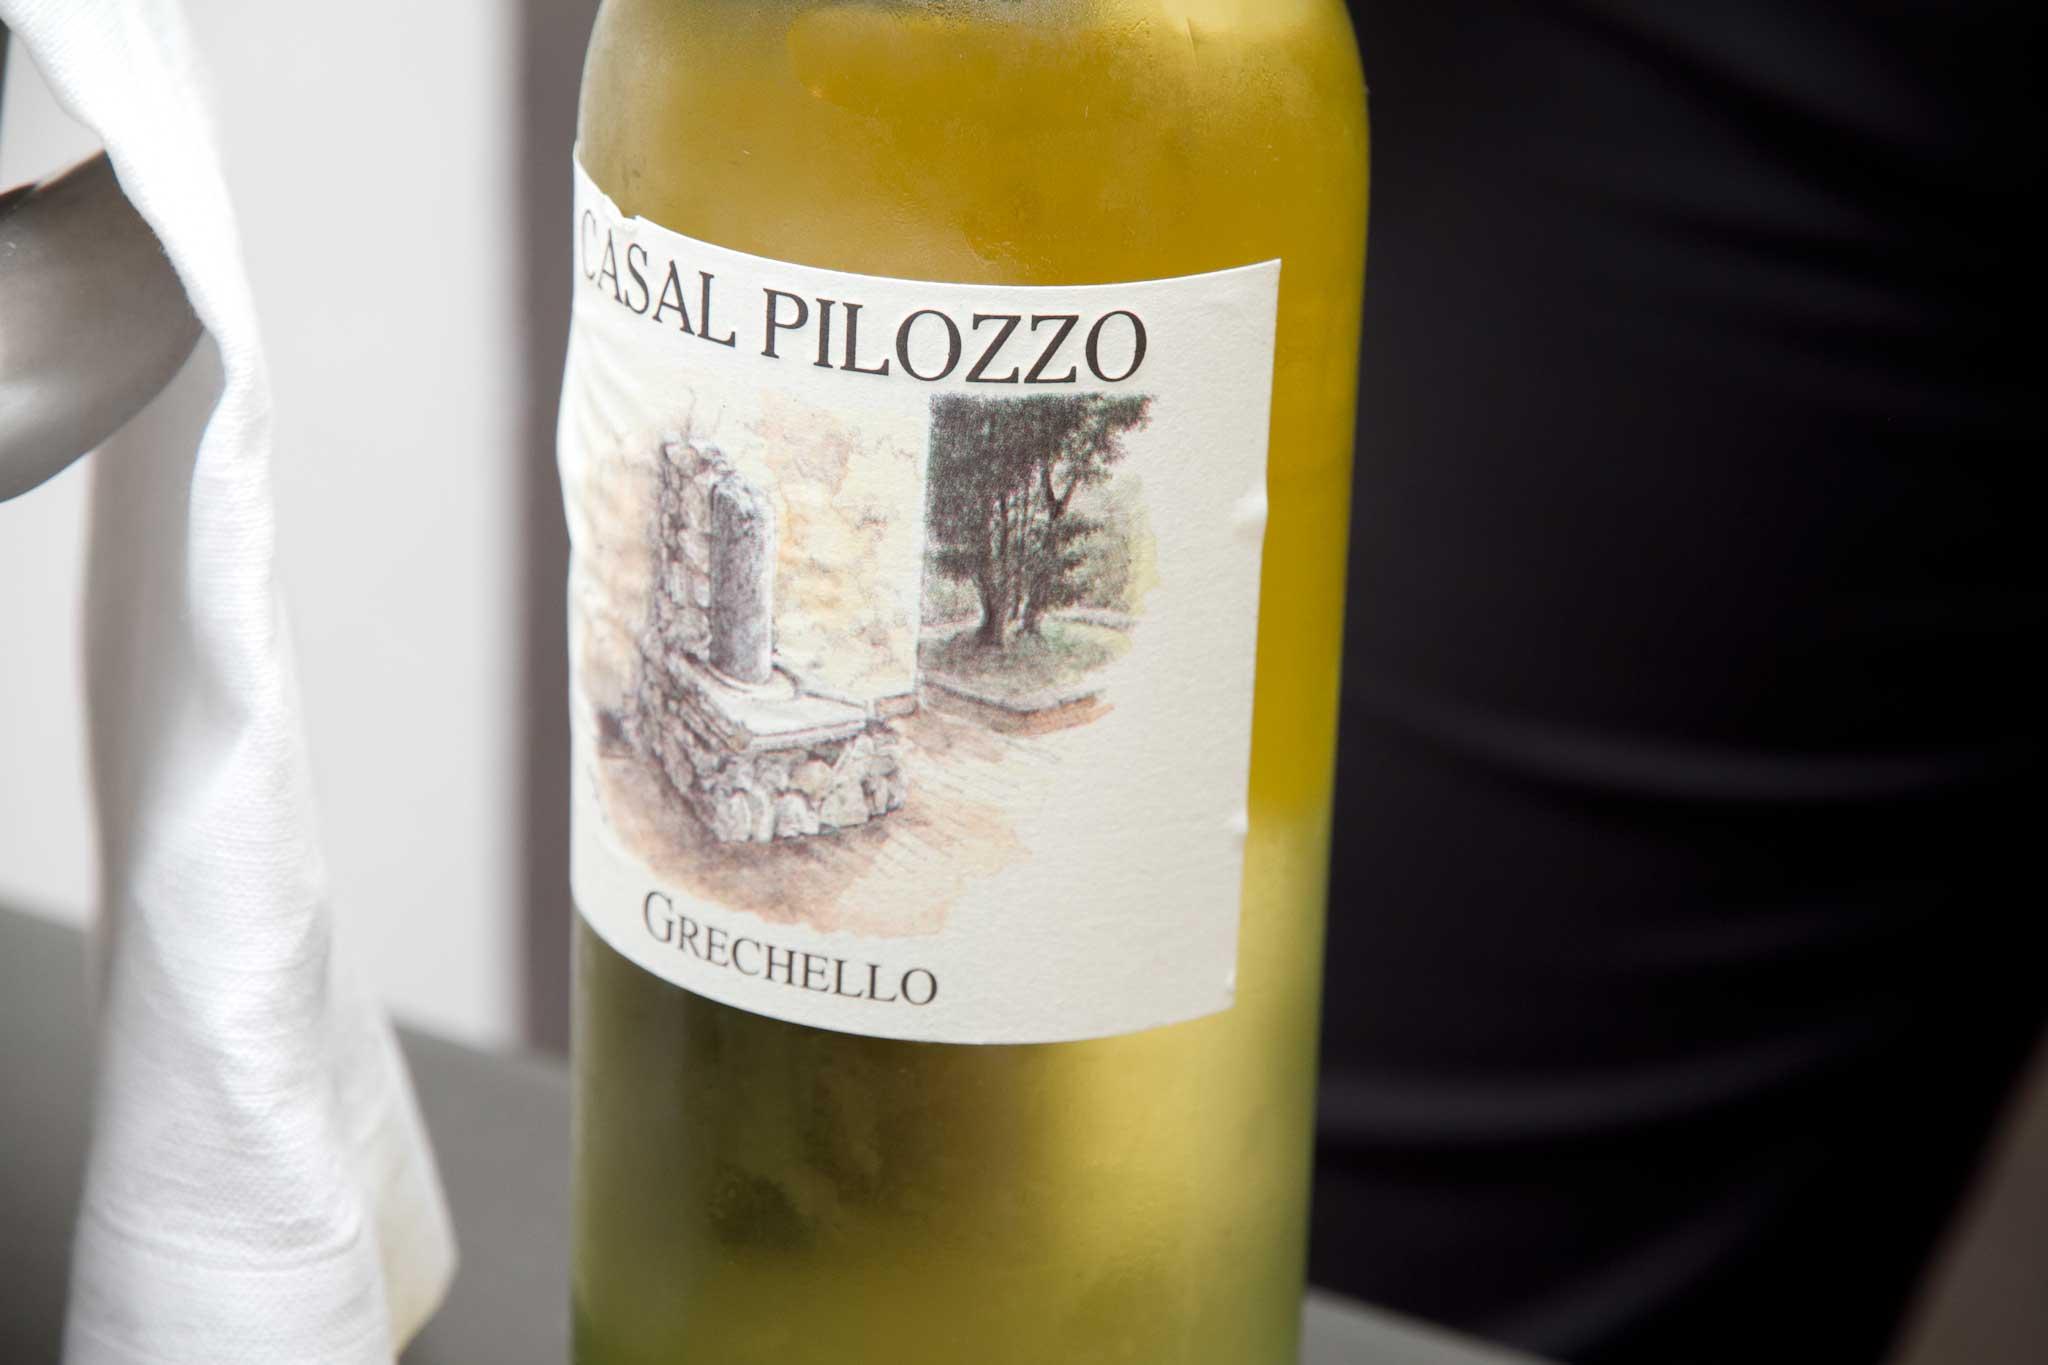 Grechello Casal Pilozzo